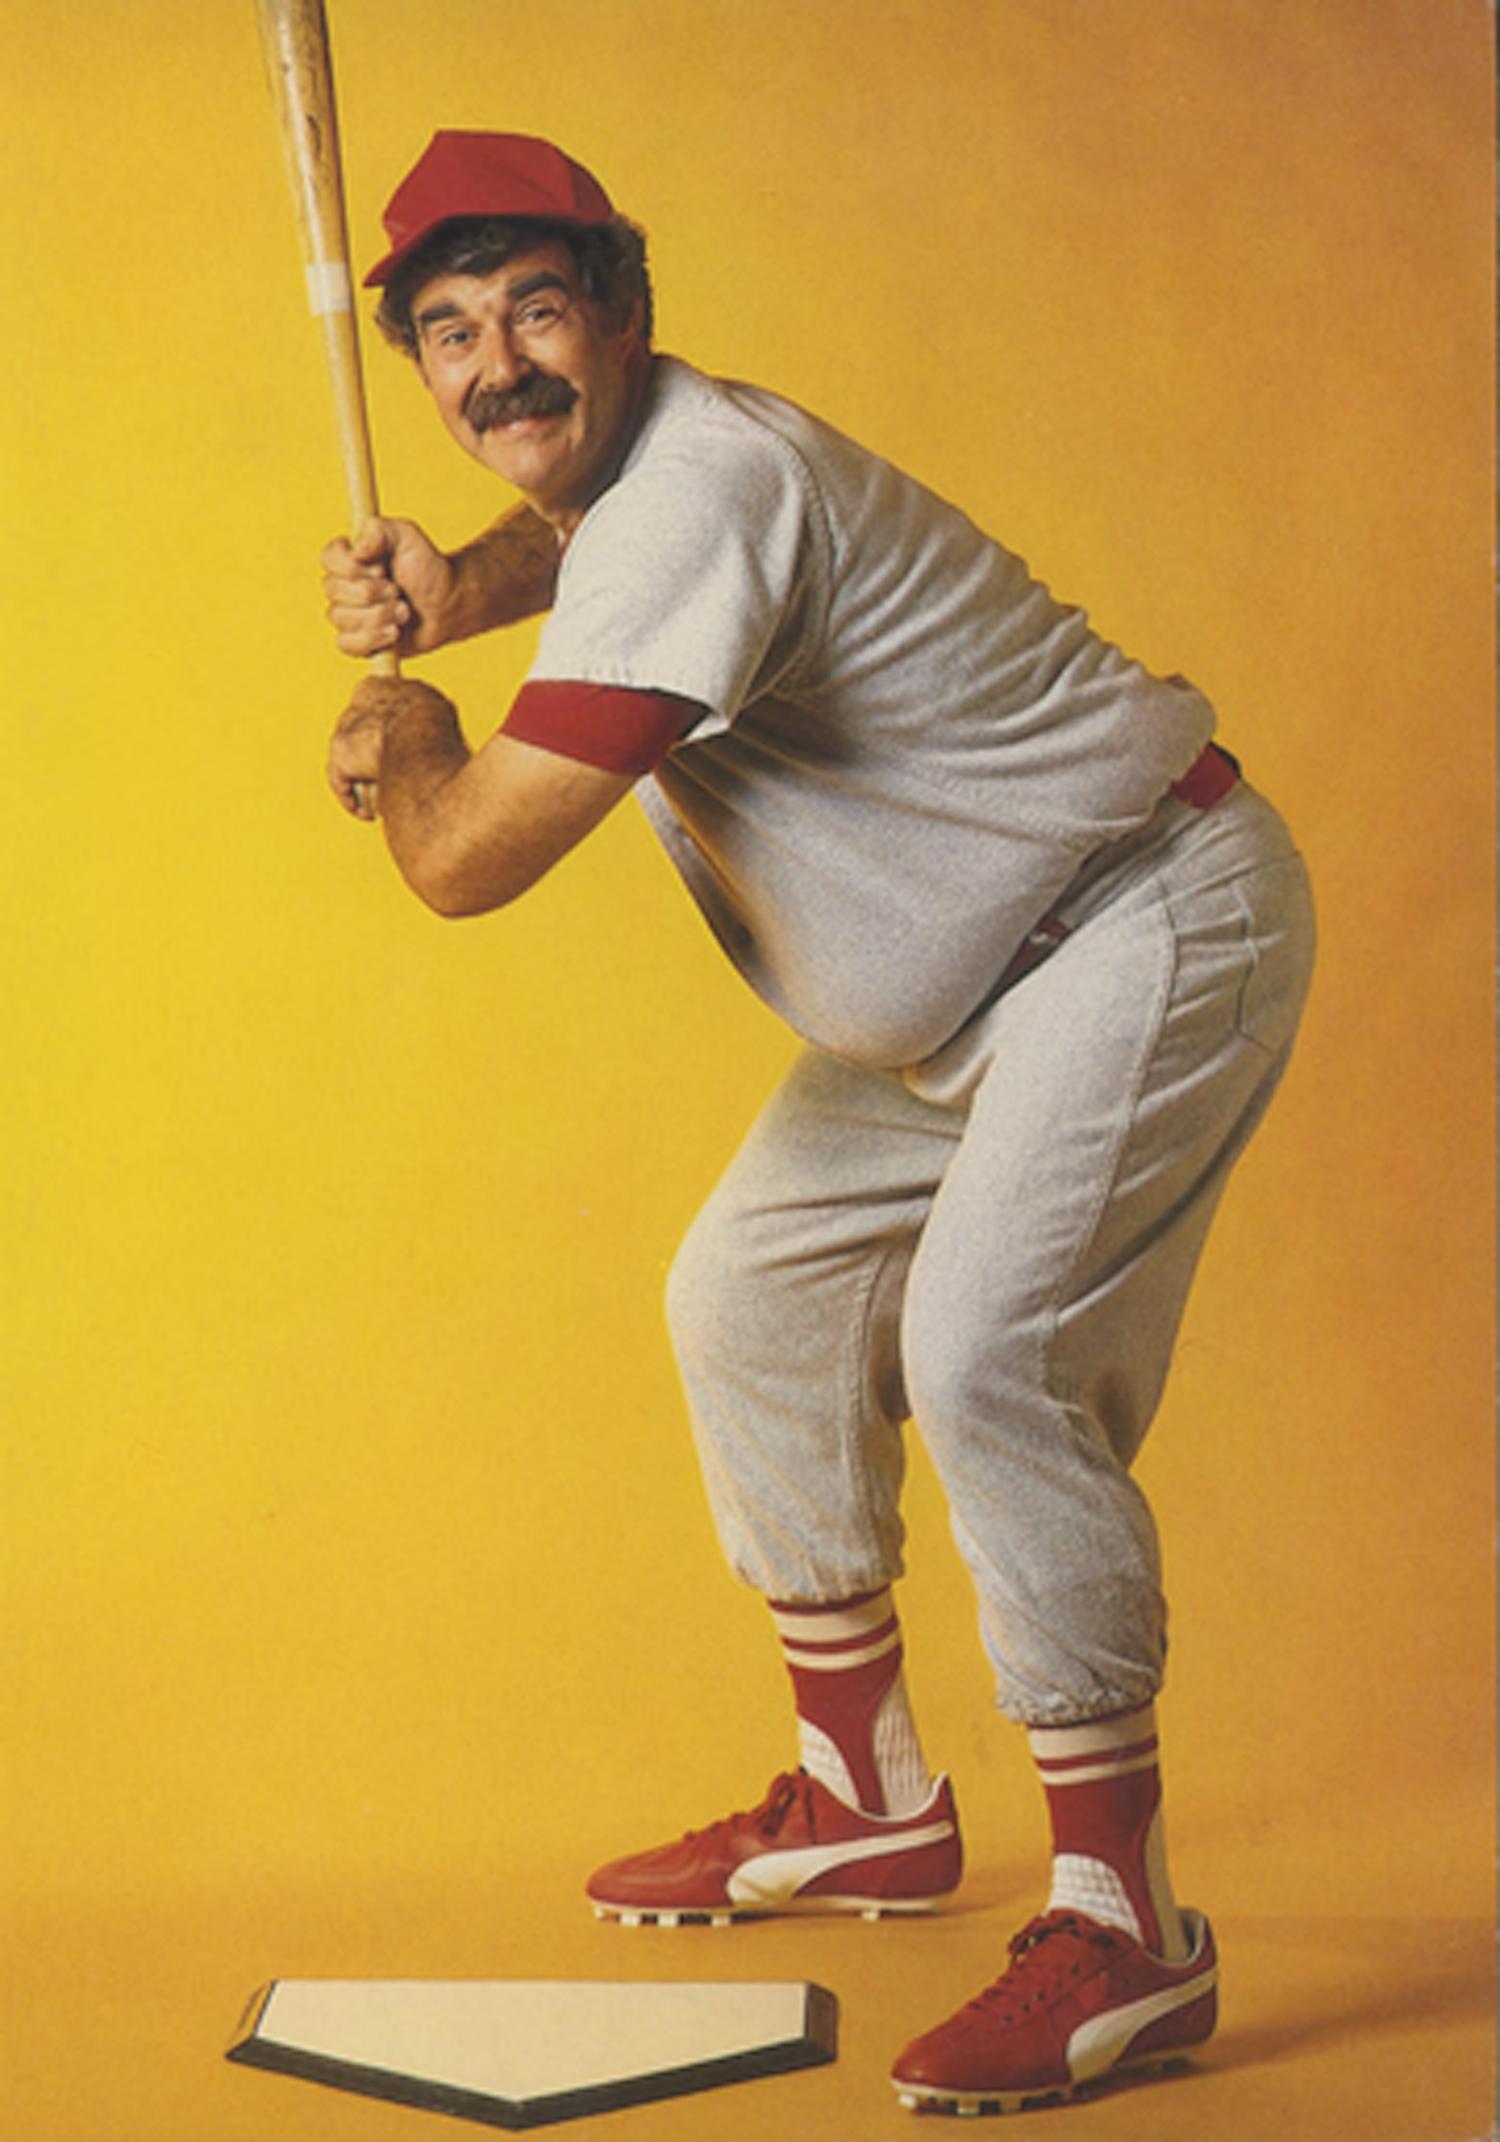 baseball-guy.jpg